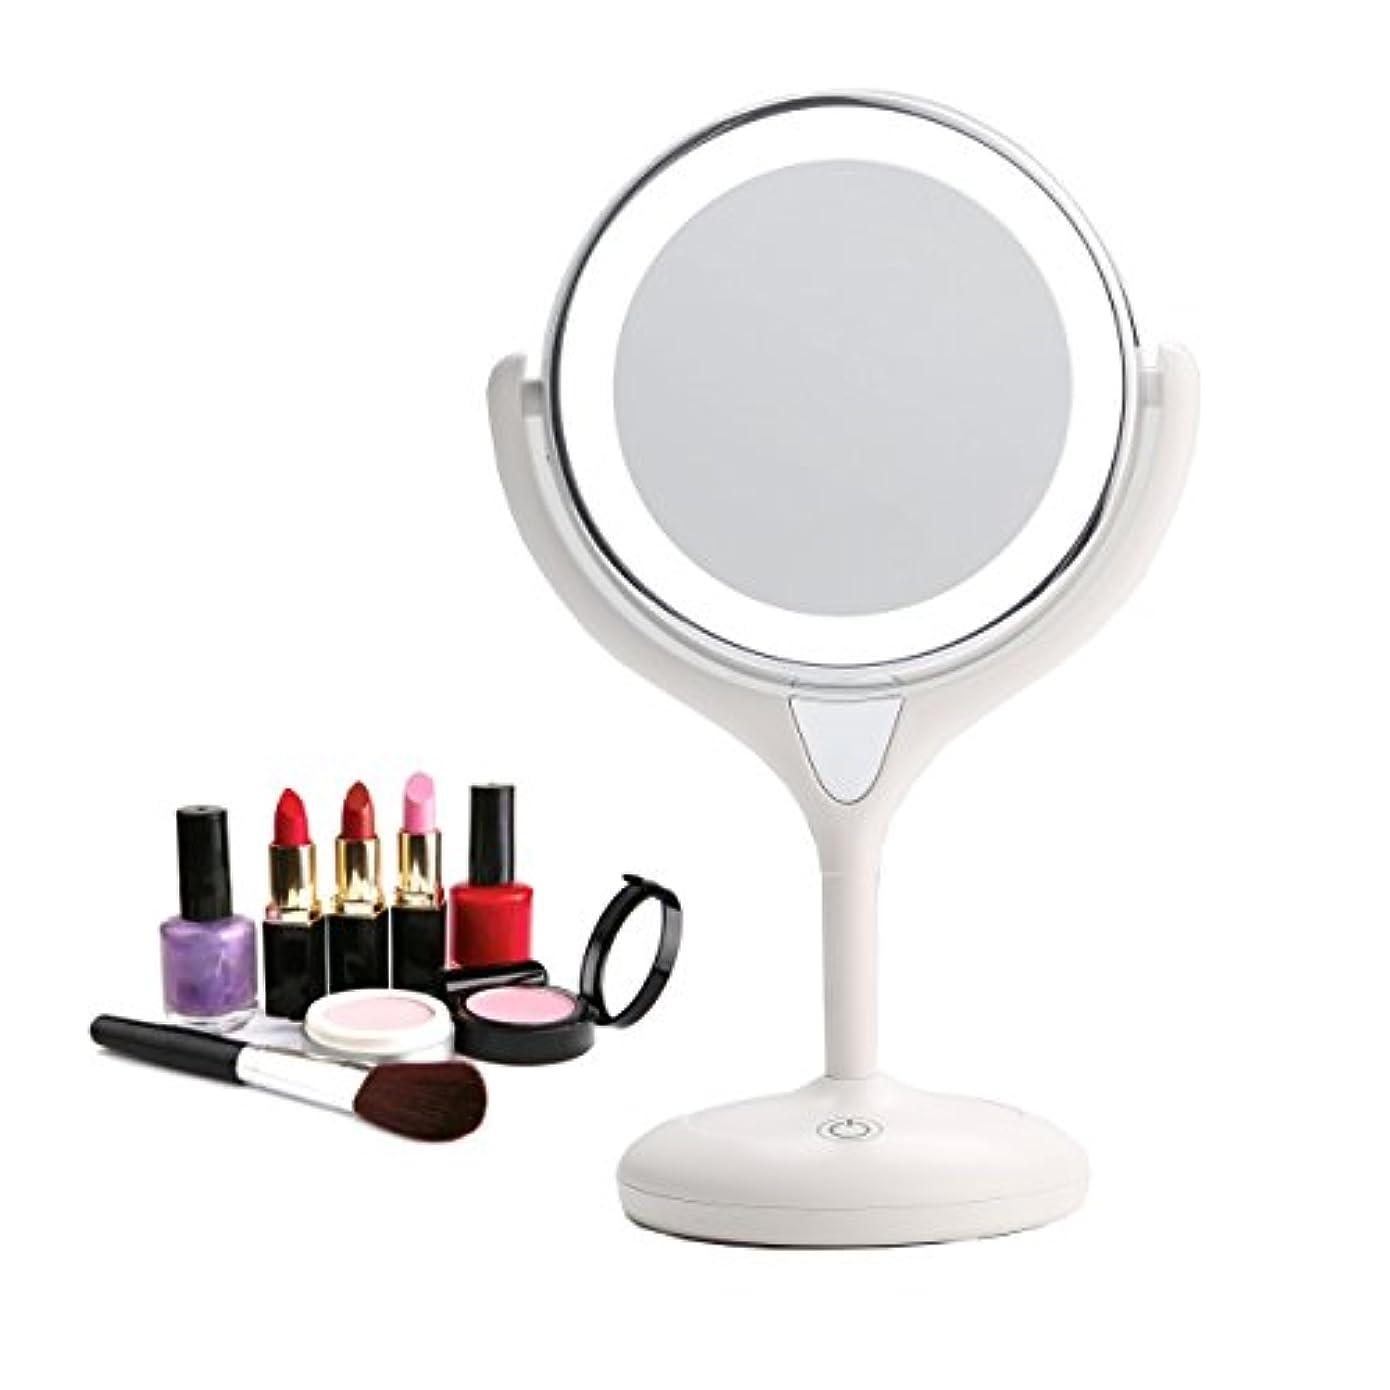 忌まわしい回復する積極的にBestaid-スタンドミラー シンプルデザイン 真実の両面鏡DX 10倍拡大鏡 360度回転 卓上鏡 メイク 化粧道具 14 * 11.5 * 28.5cm